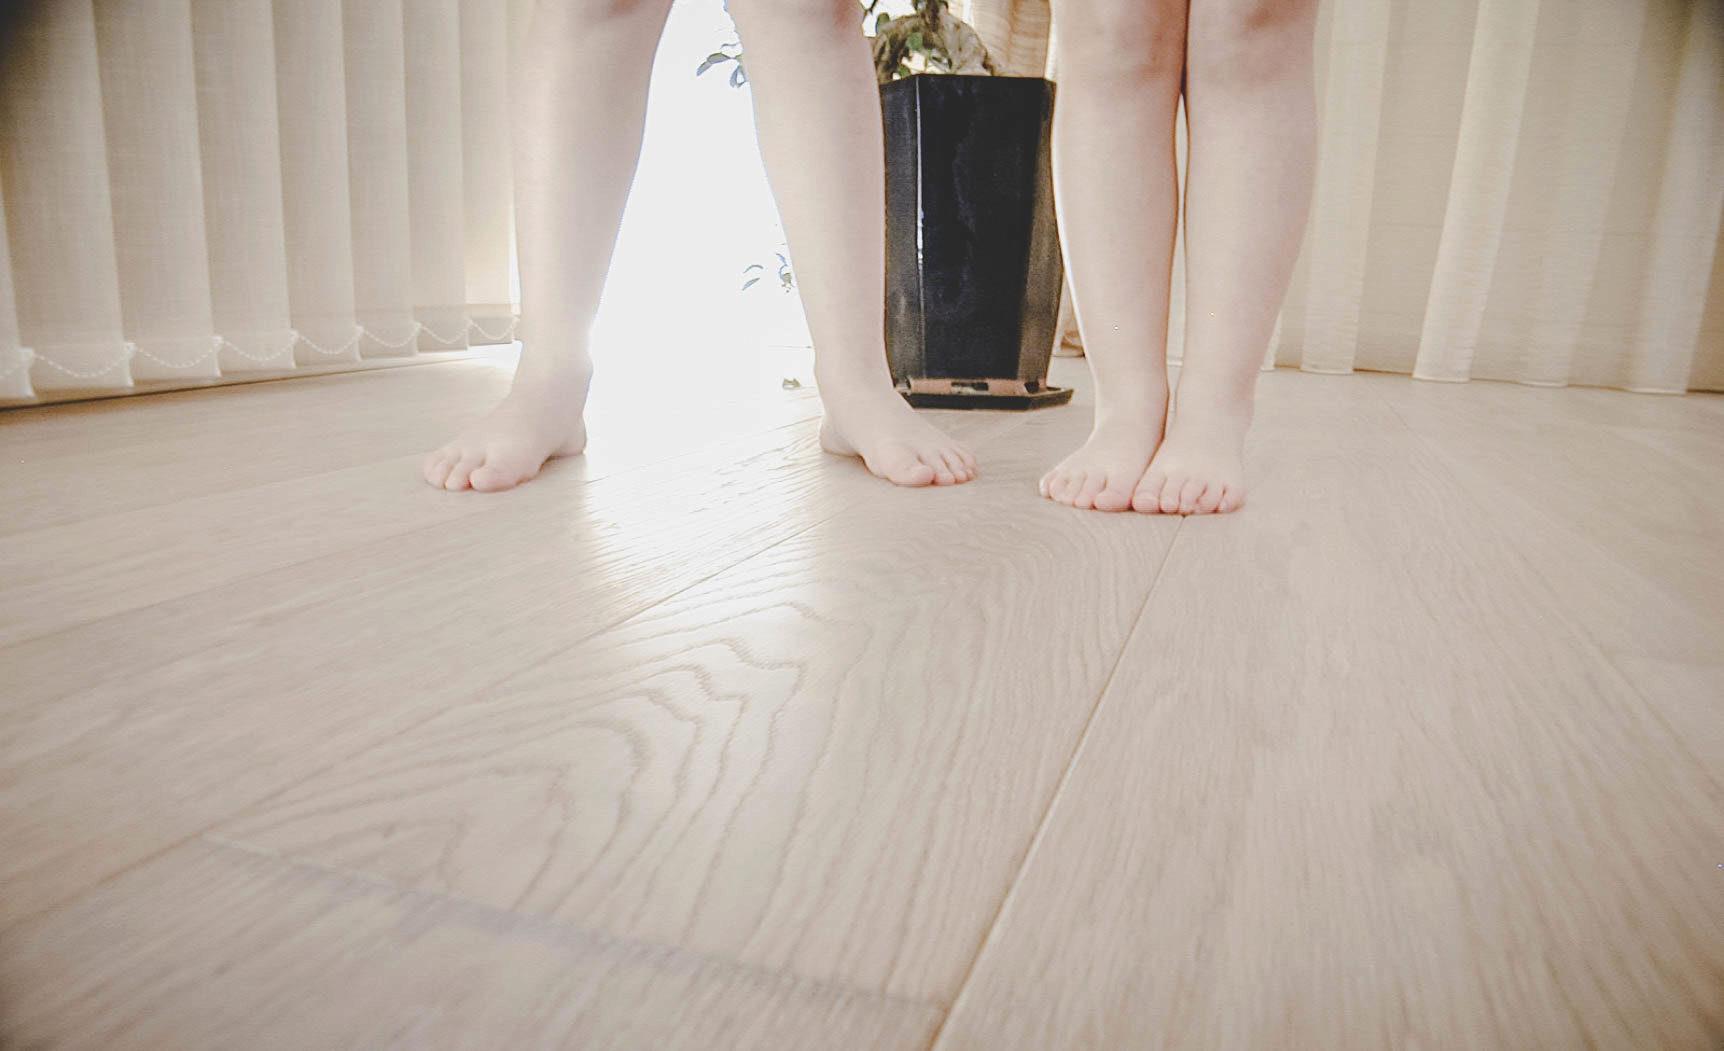 finiture pavimento in legno